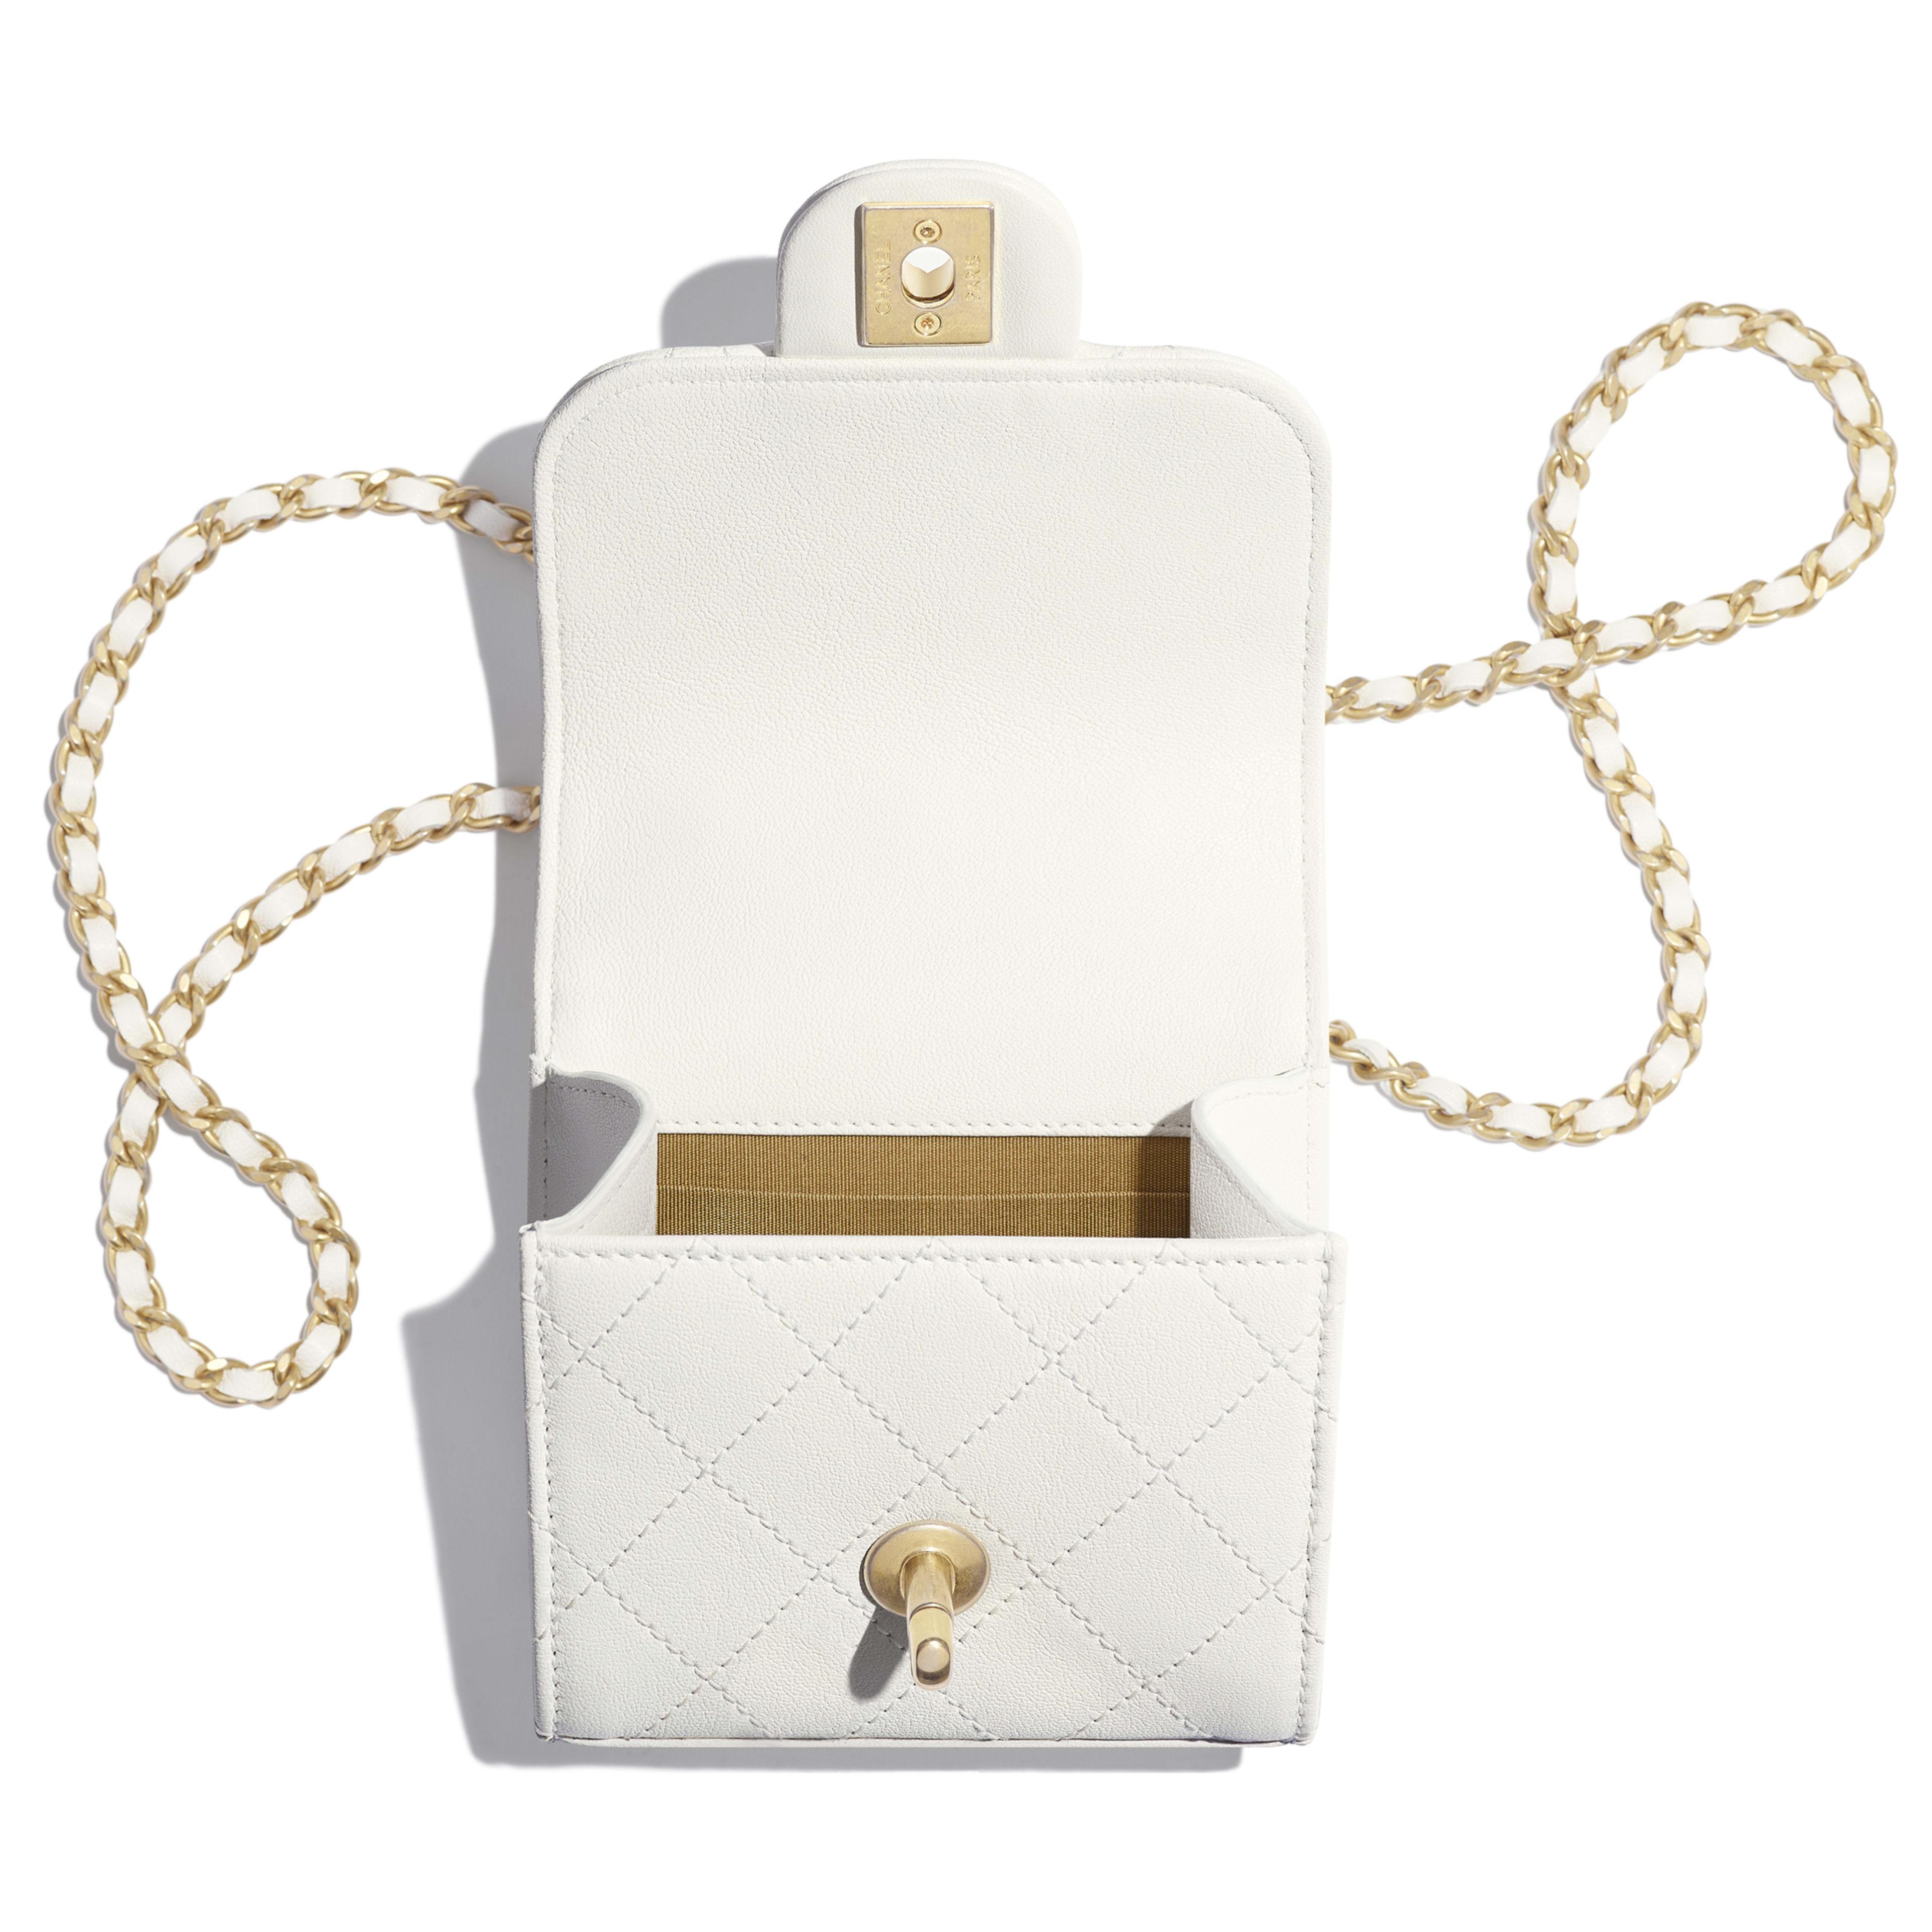 กระเป๋าคลัทช์พร้อมสายโซ่ - สีขาว - หนังแพะ, มุกสังเคราะห์ และโลหะสีทอง - มุมมองอื่น - ดูเวอร์ชันขนาดเต็ม